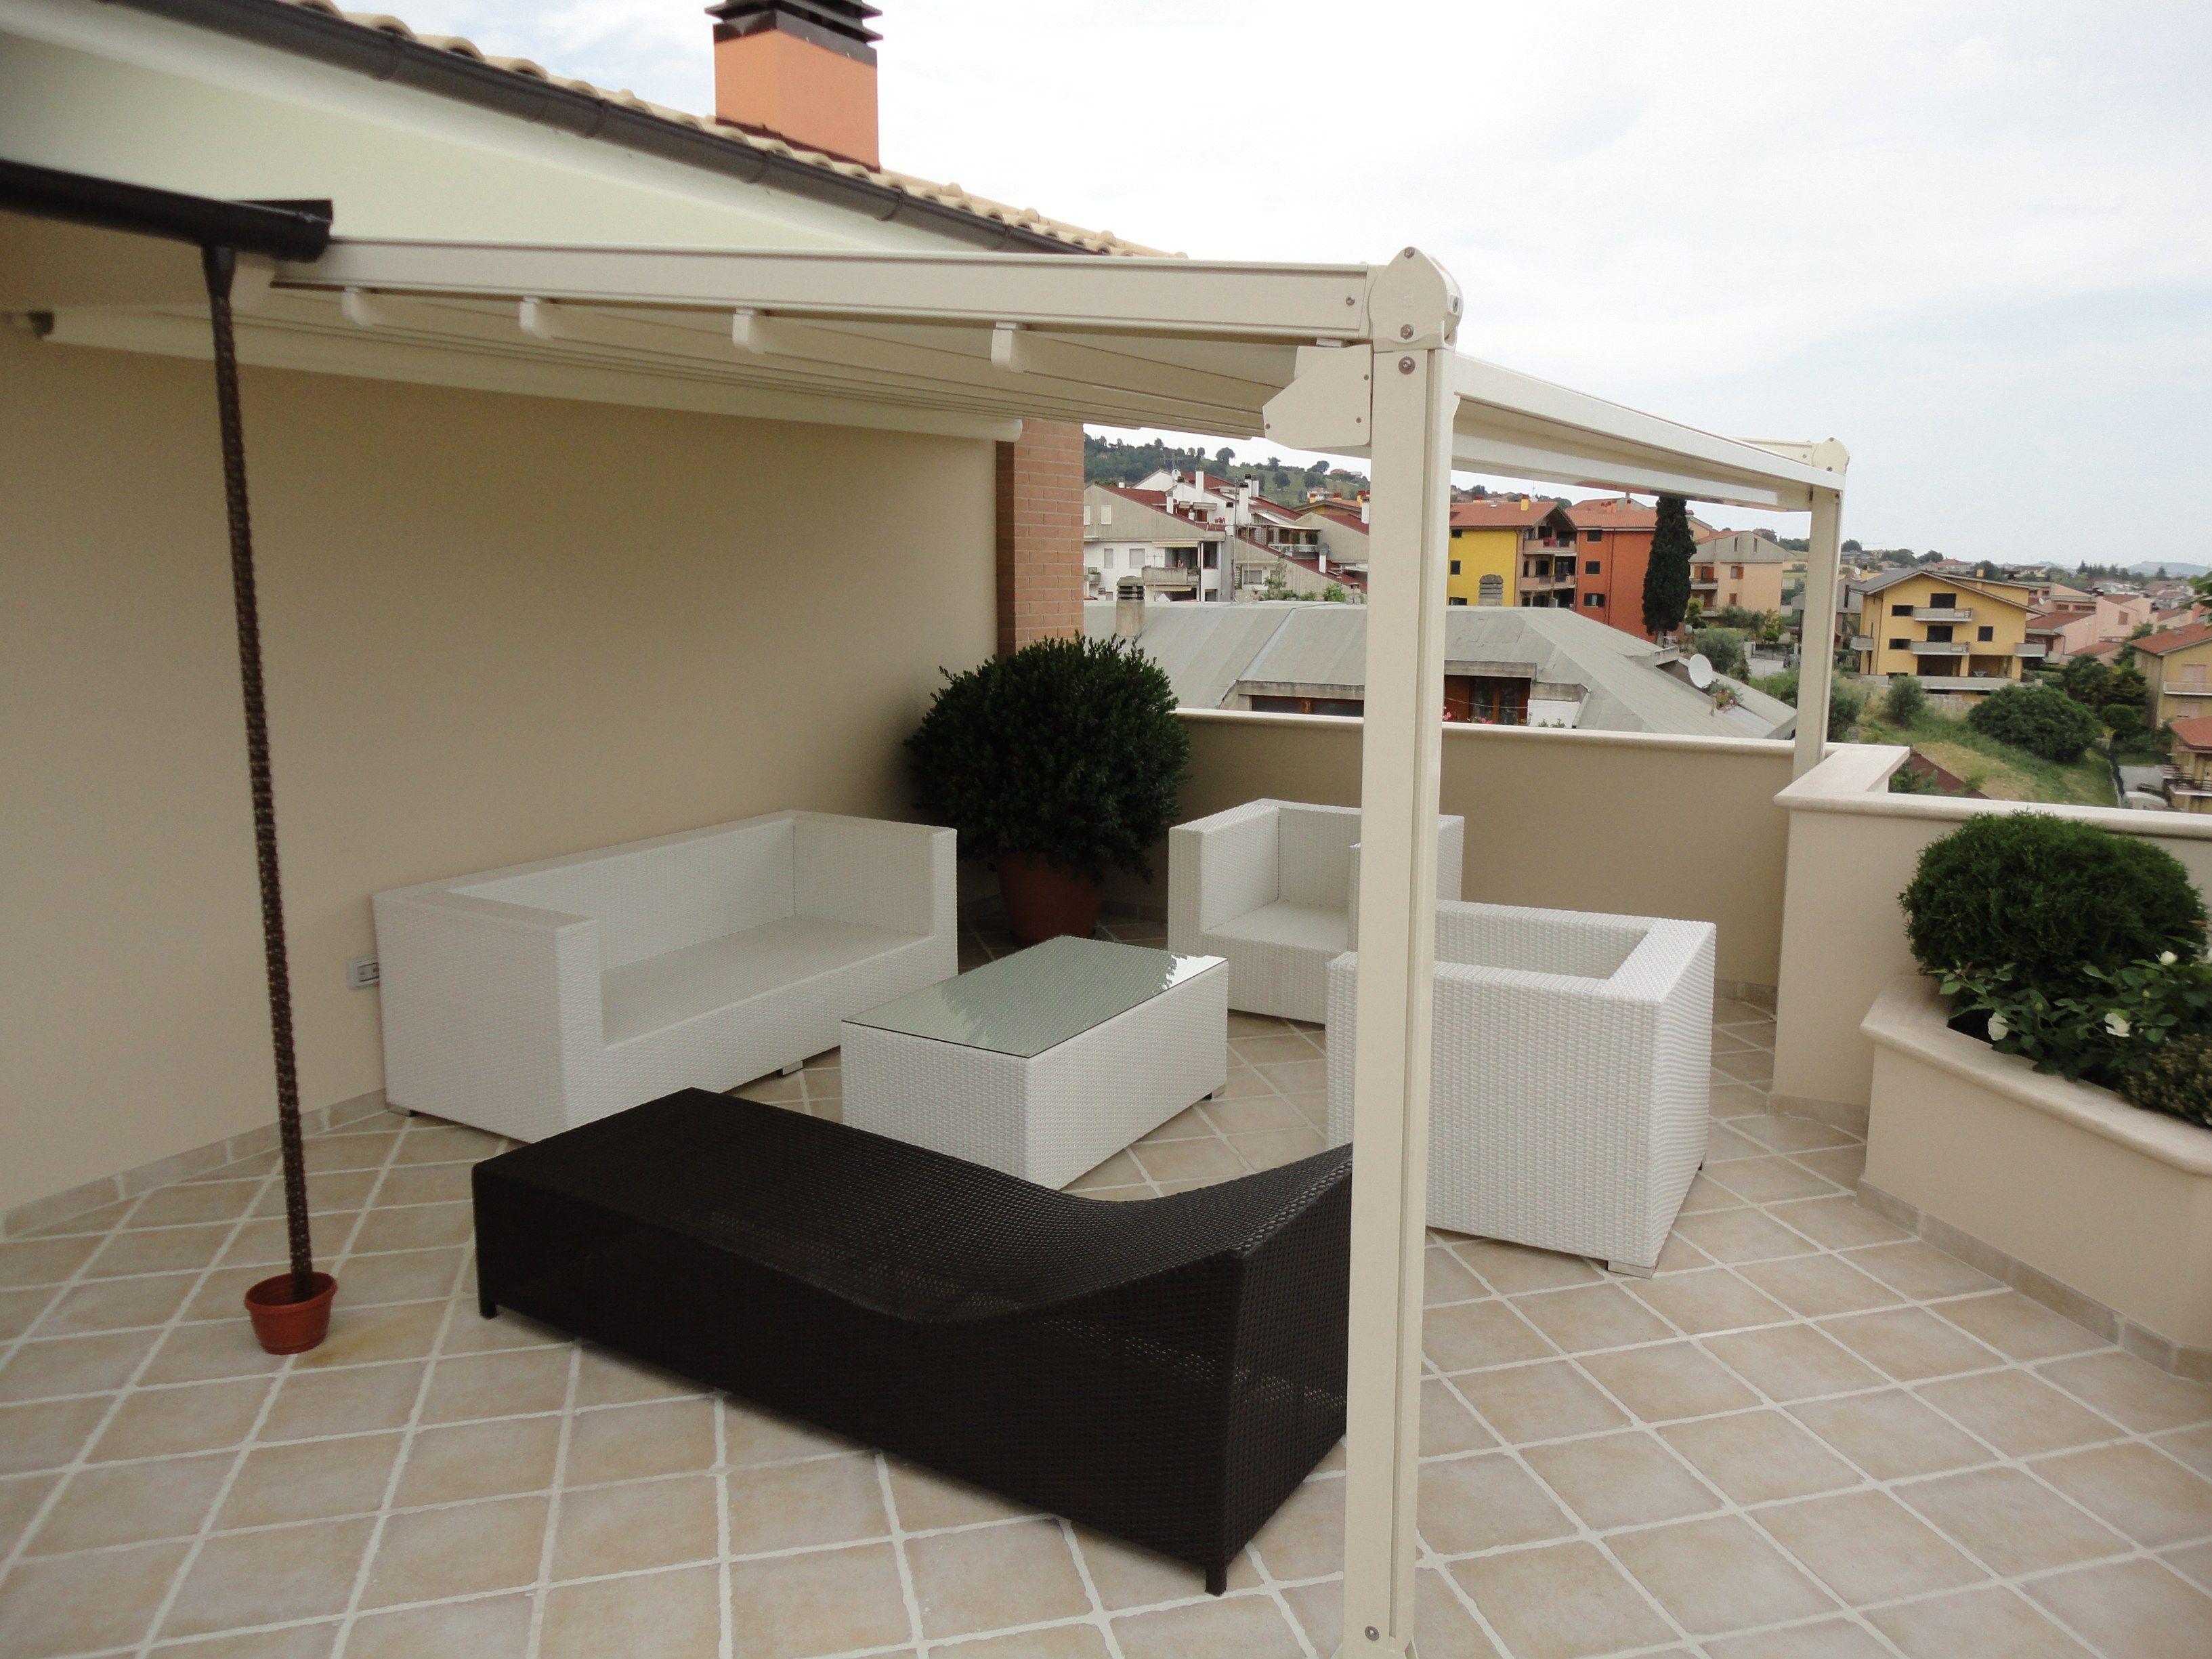 a1 | pergolato in alluminio by ke outdoor design - Pergola In Alluminio Gazebo In Legno